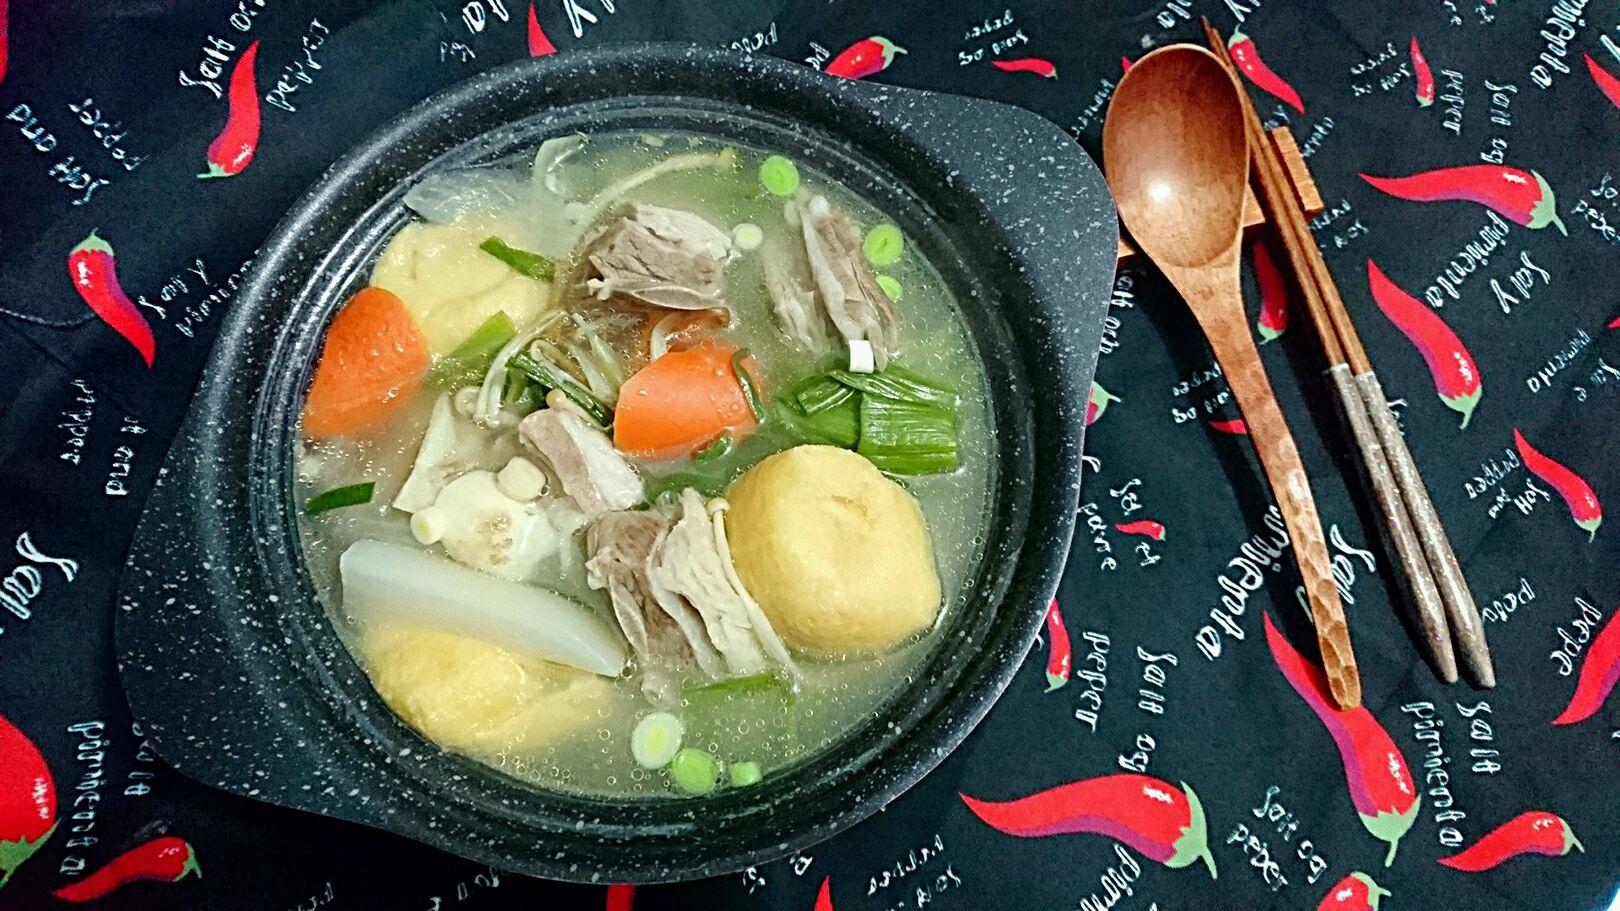 图解 羊排/14. 喝一口,鲜甜,很甜丝丝的汤。清炖羊排有一股奶味,很好吃